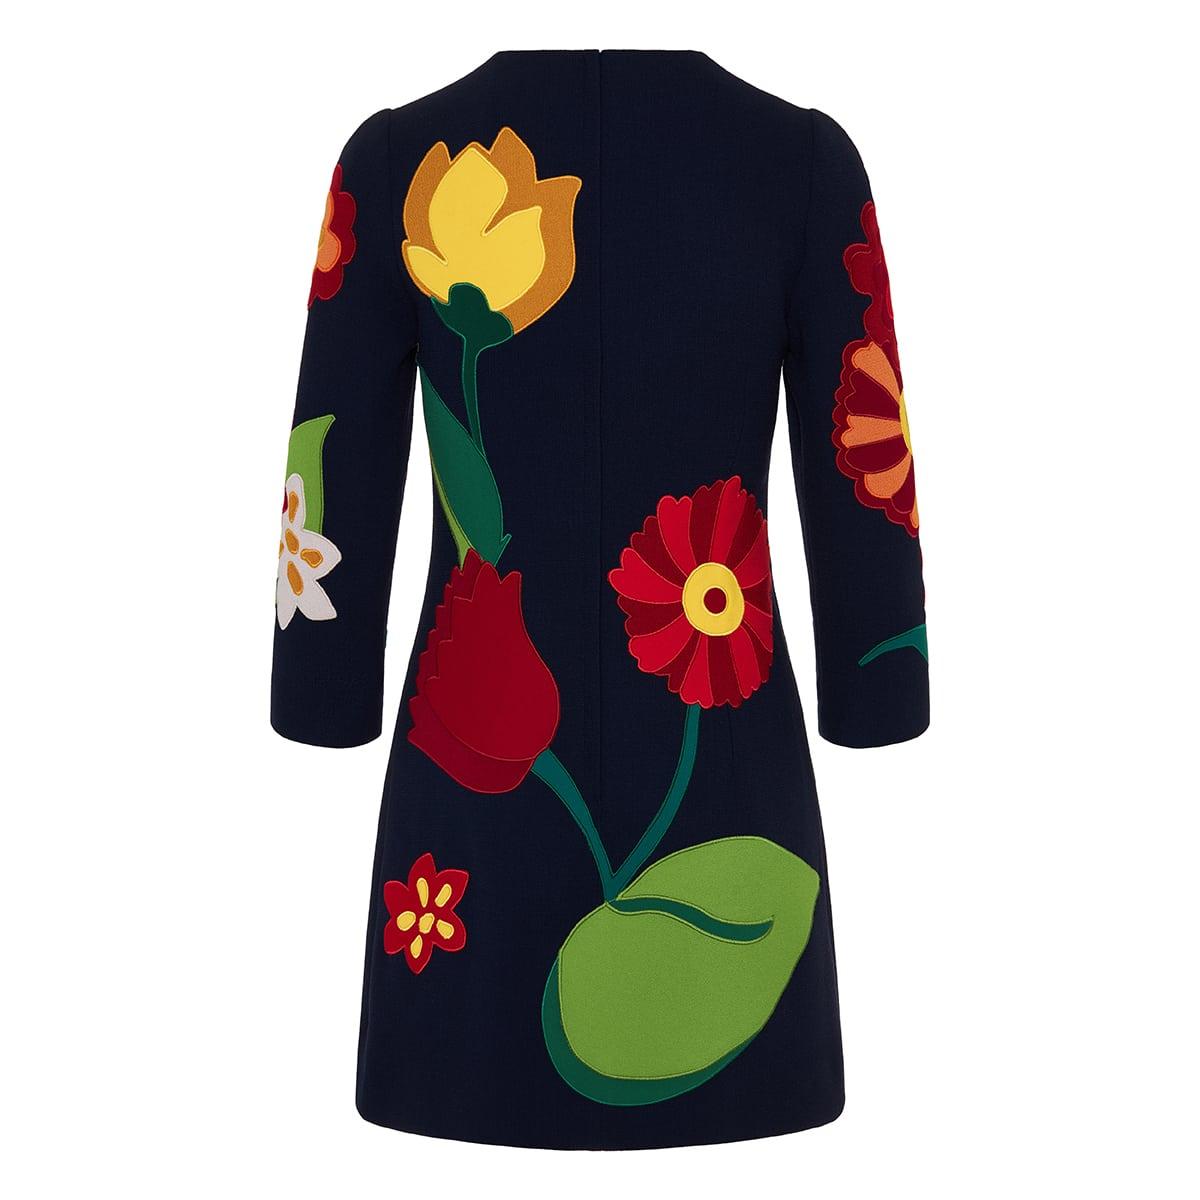 Flower applique crepe mini dress